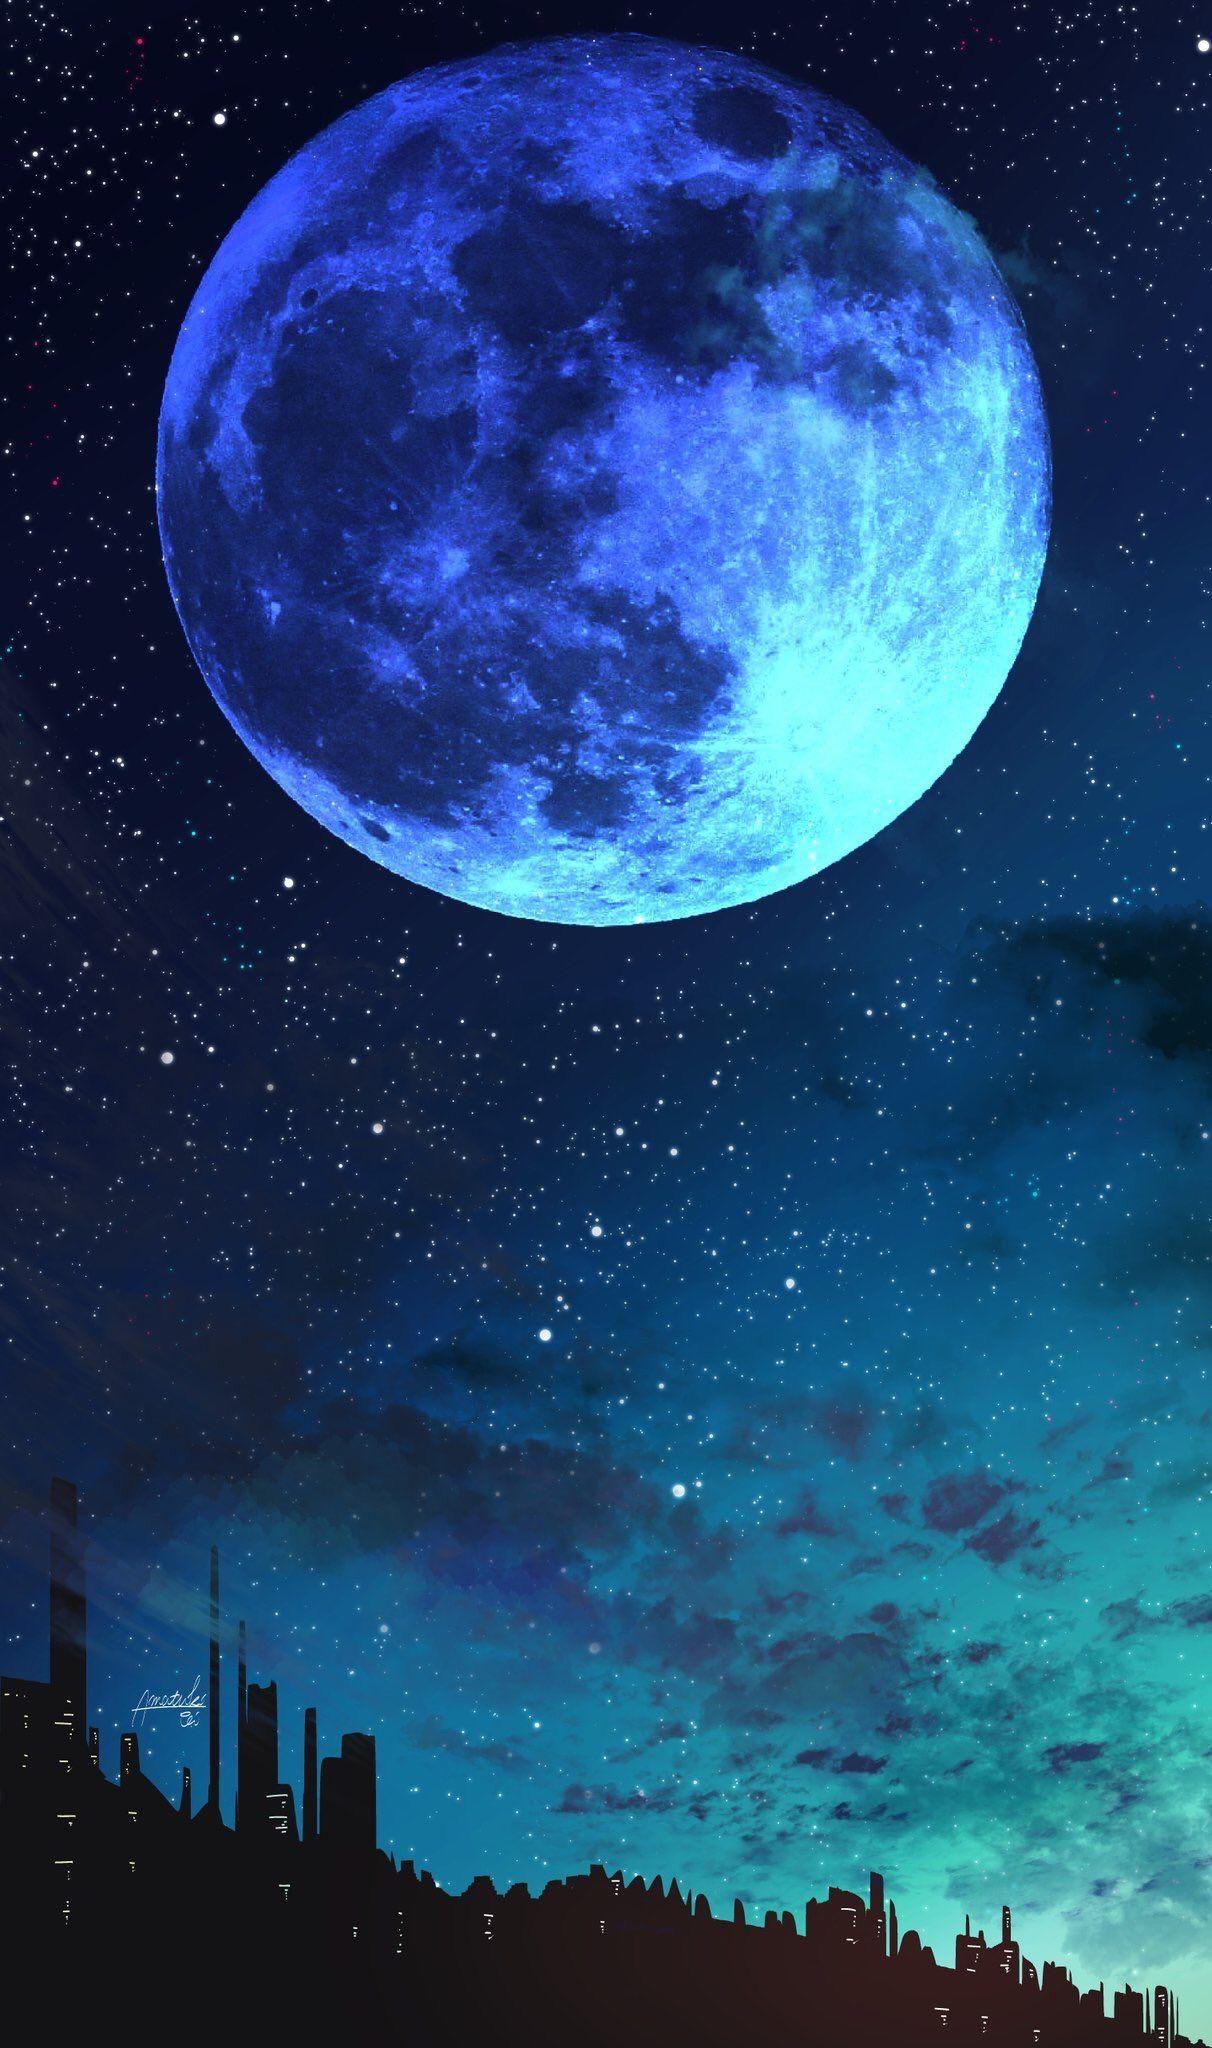 ボード 美しい月 のピン